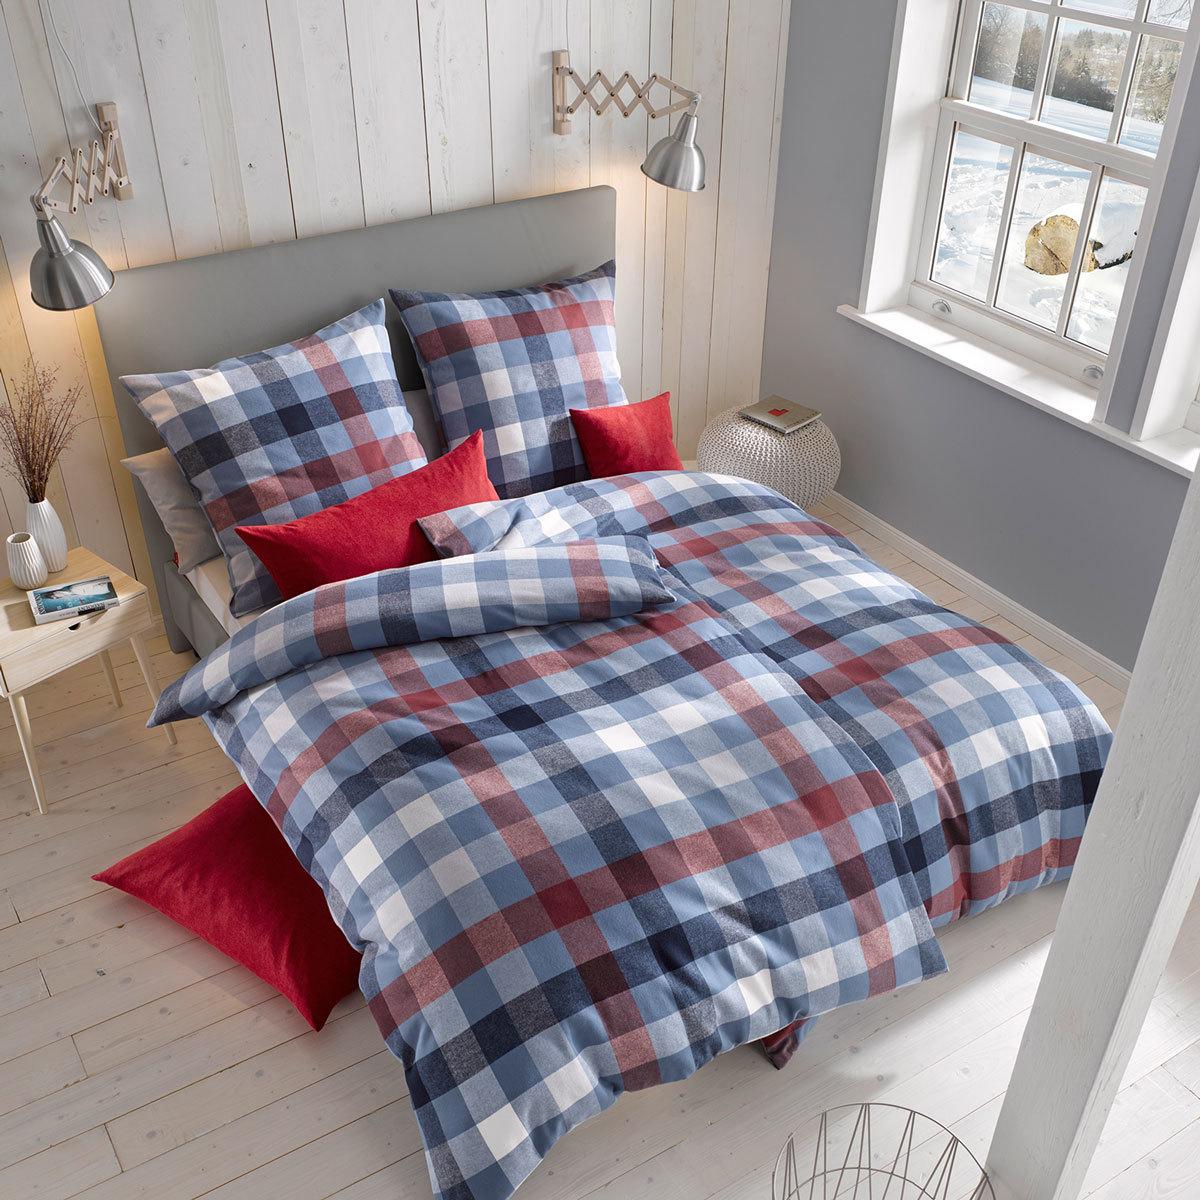 fleuresse edelflanell bettw sche karo 603742 12 dark denim g nstig online kaufen bei bettwaren shop. Black Bedroom Furniture Sets. Home Design Ideas